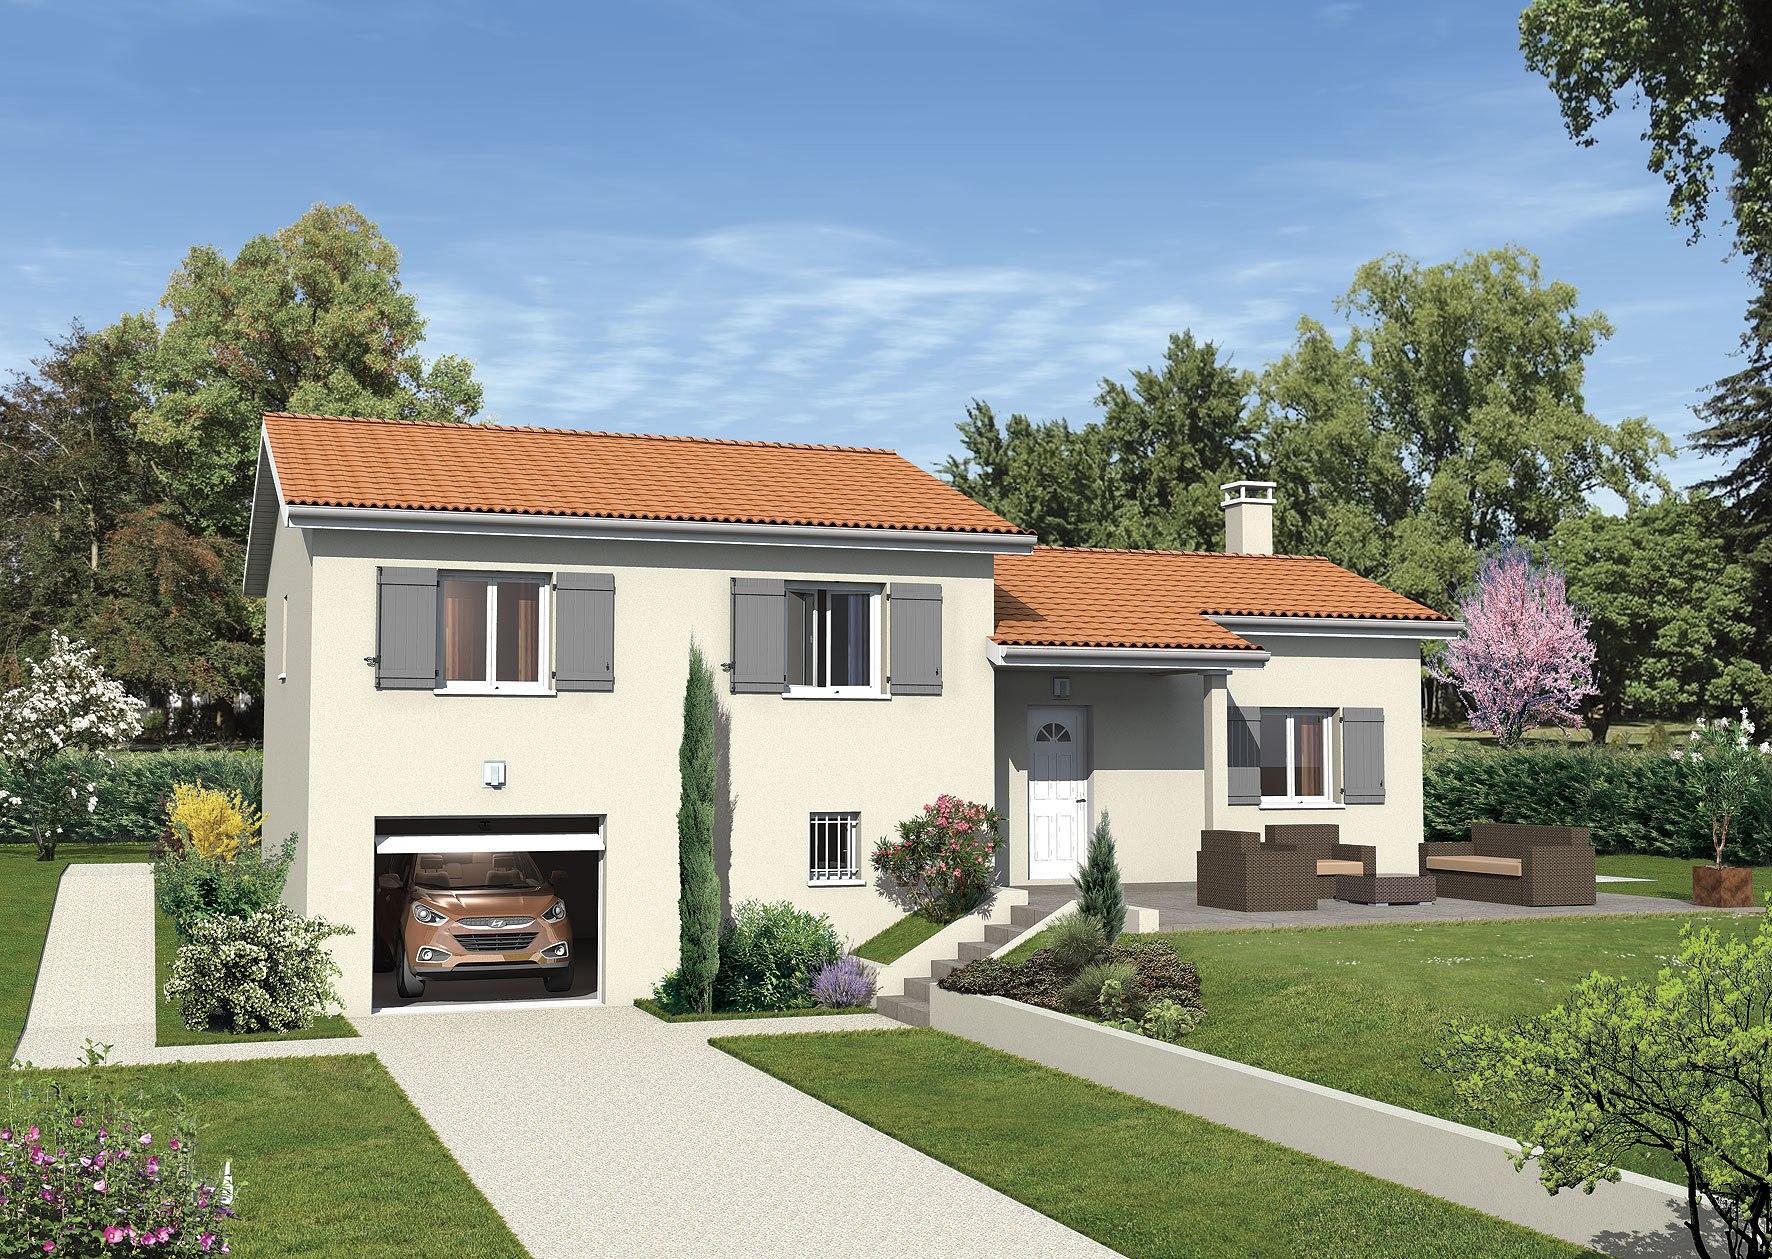 Maisons + Terrains du constructeur MAISONS PUNCH BOURGOIN • 80 m² • BIOL